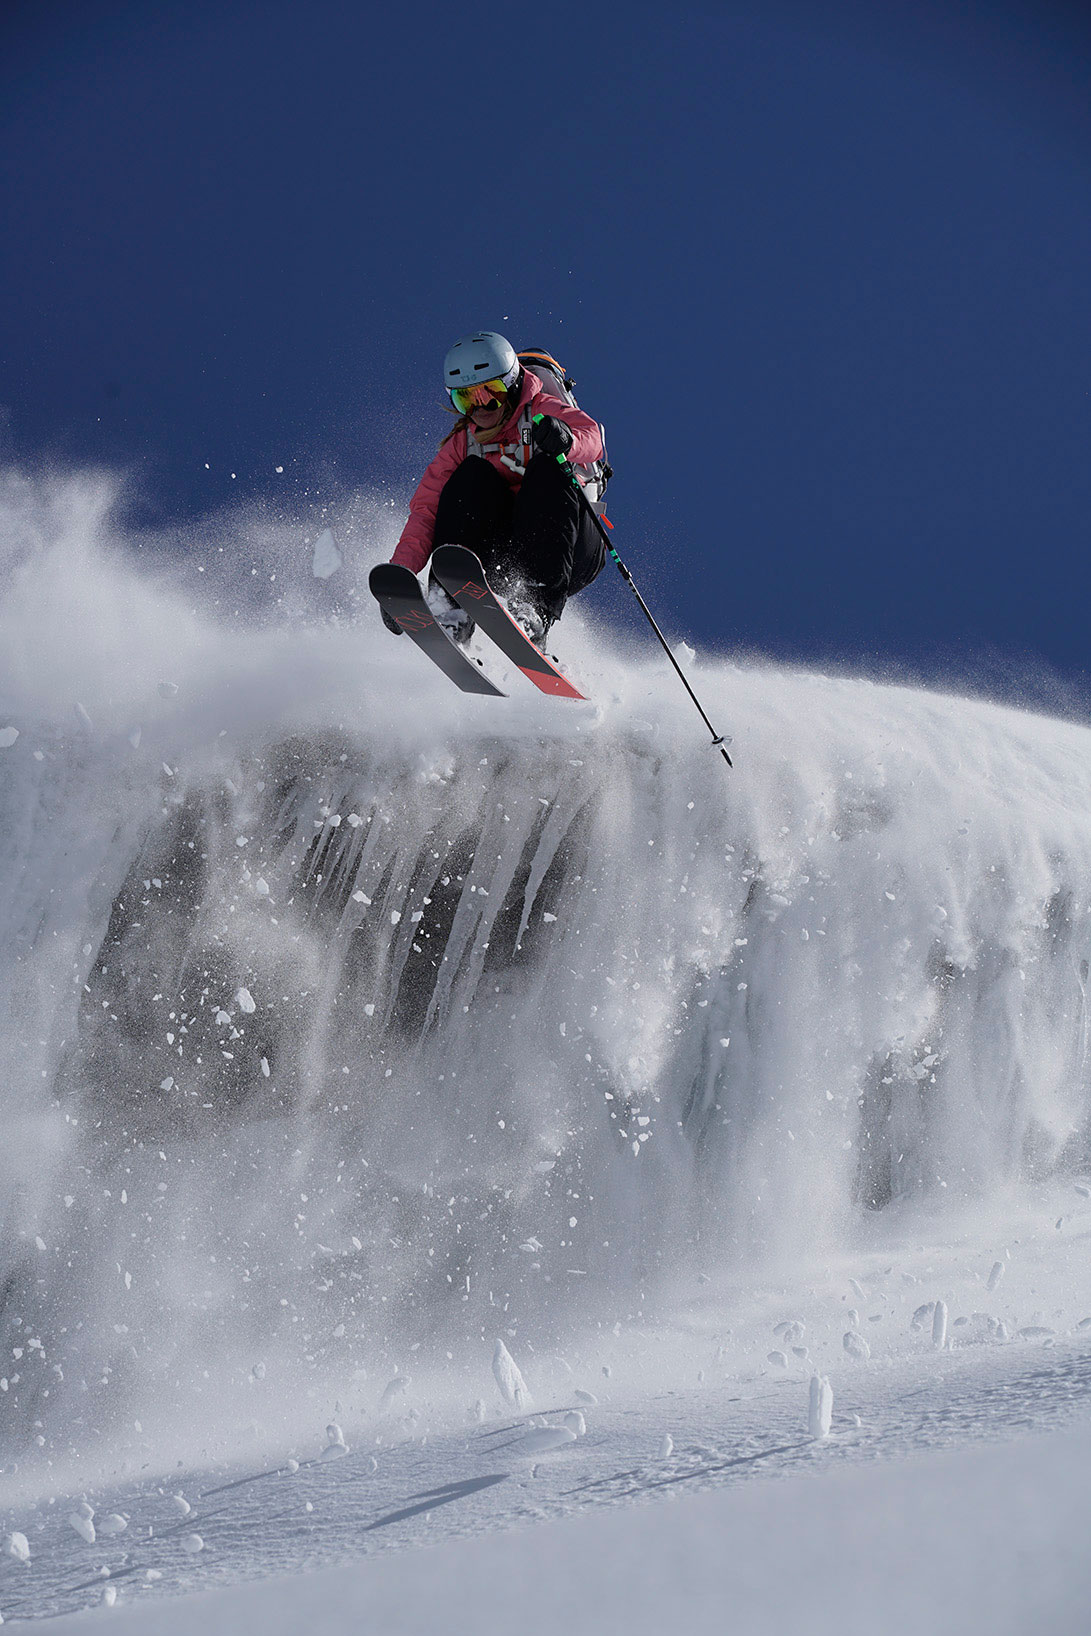 caja-schoepf-munichmountaingirls-Kitzsteinhorn-freeriden-skifahren-offpiste-adidas